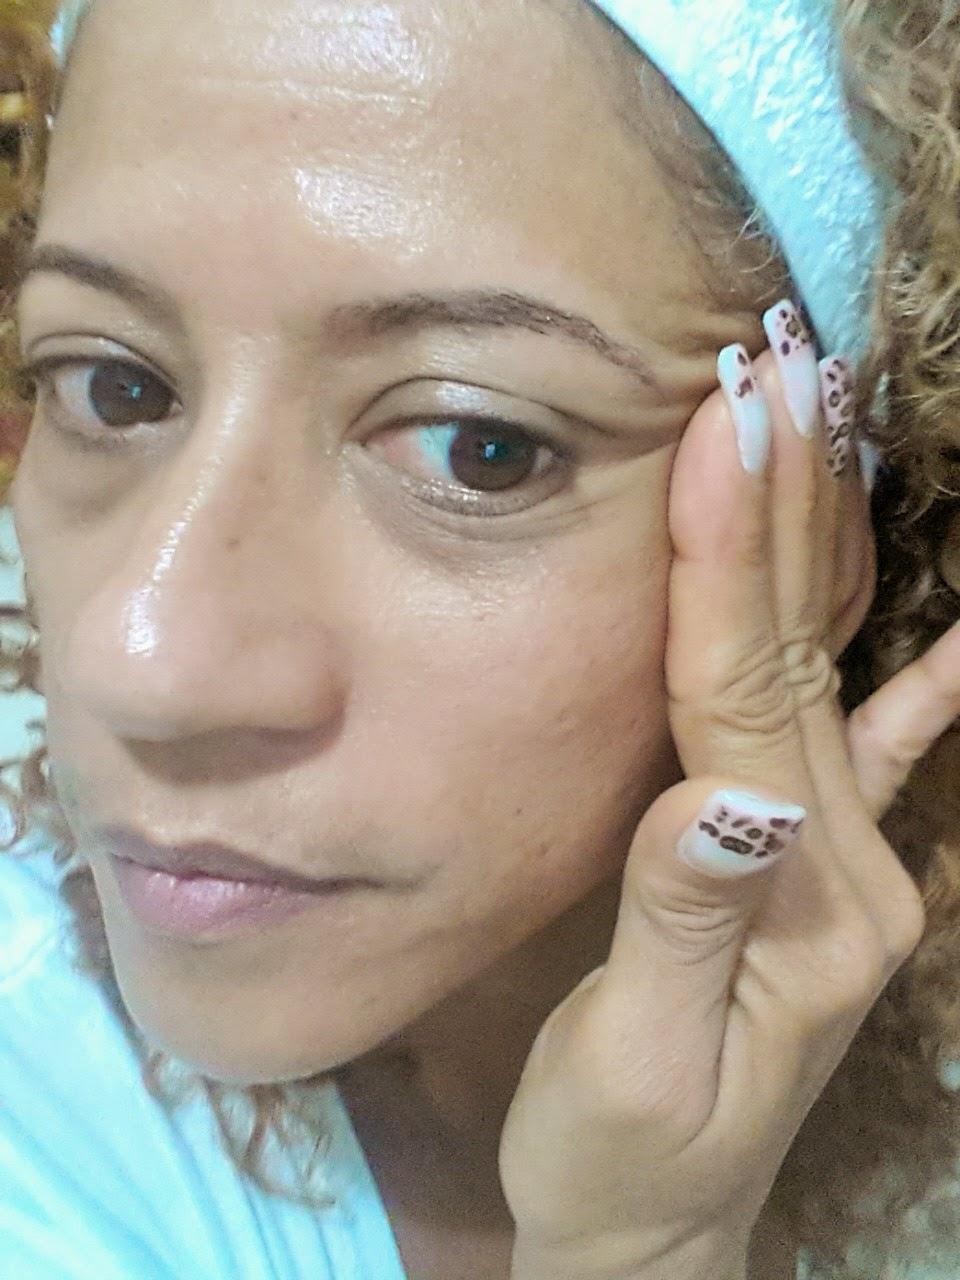 rotina+diária+do+rosto+www.mulatadourada.com.br